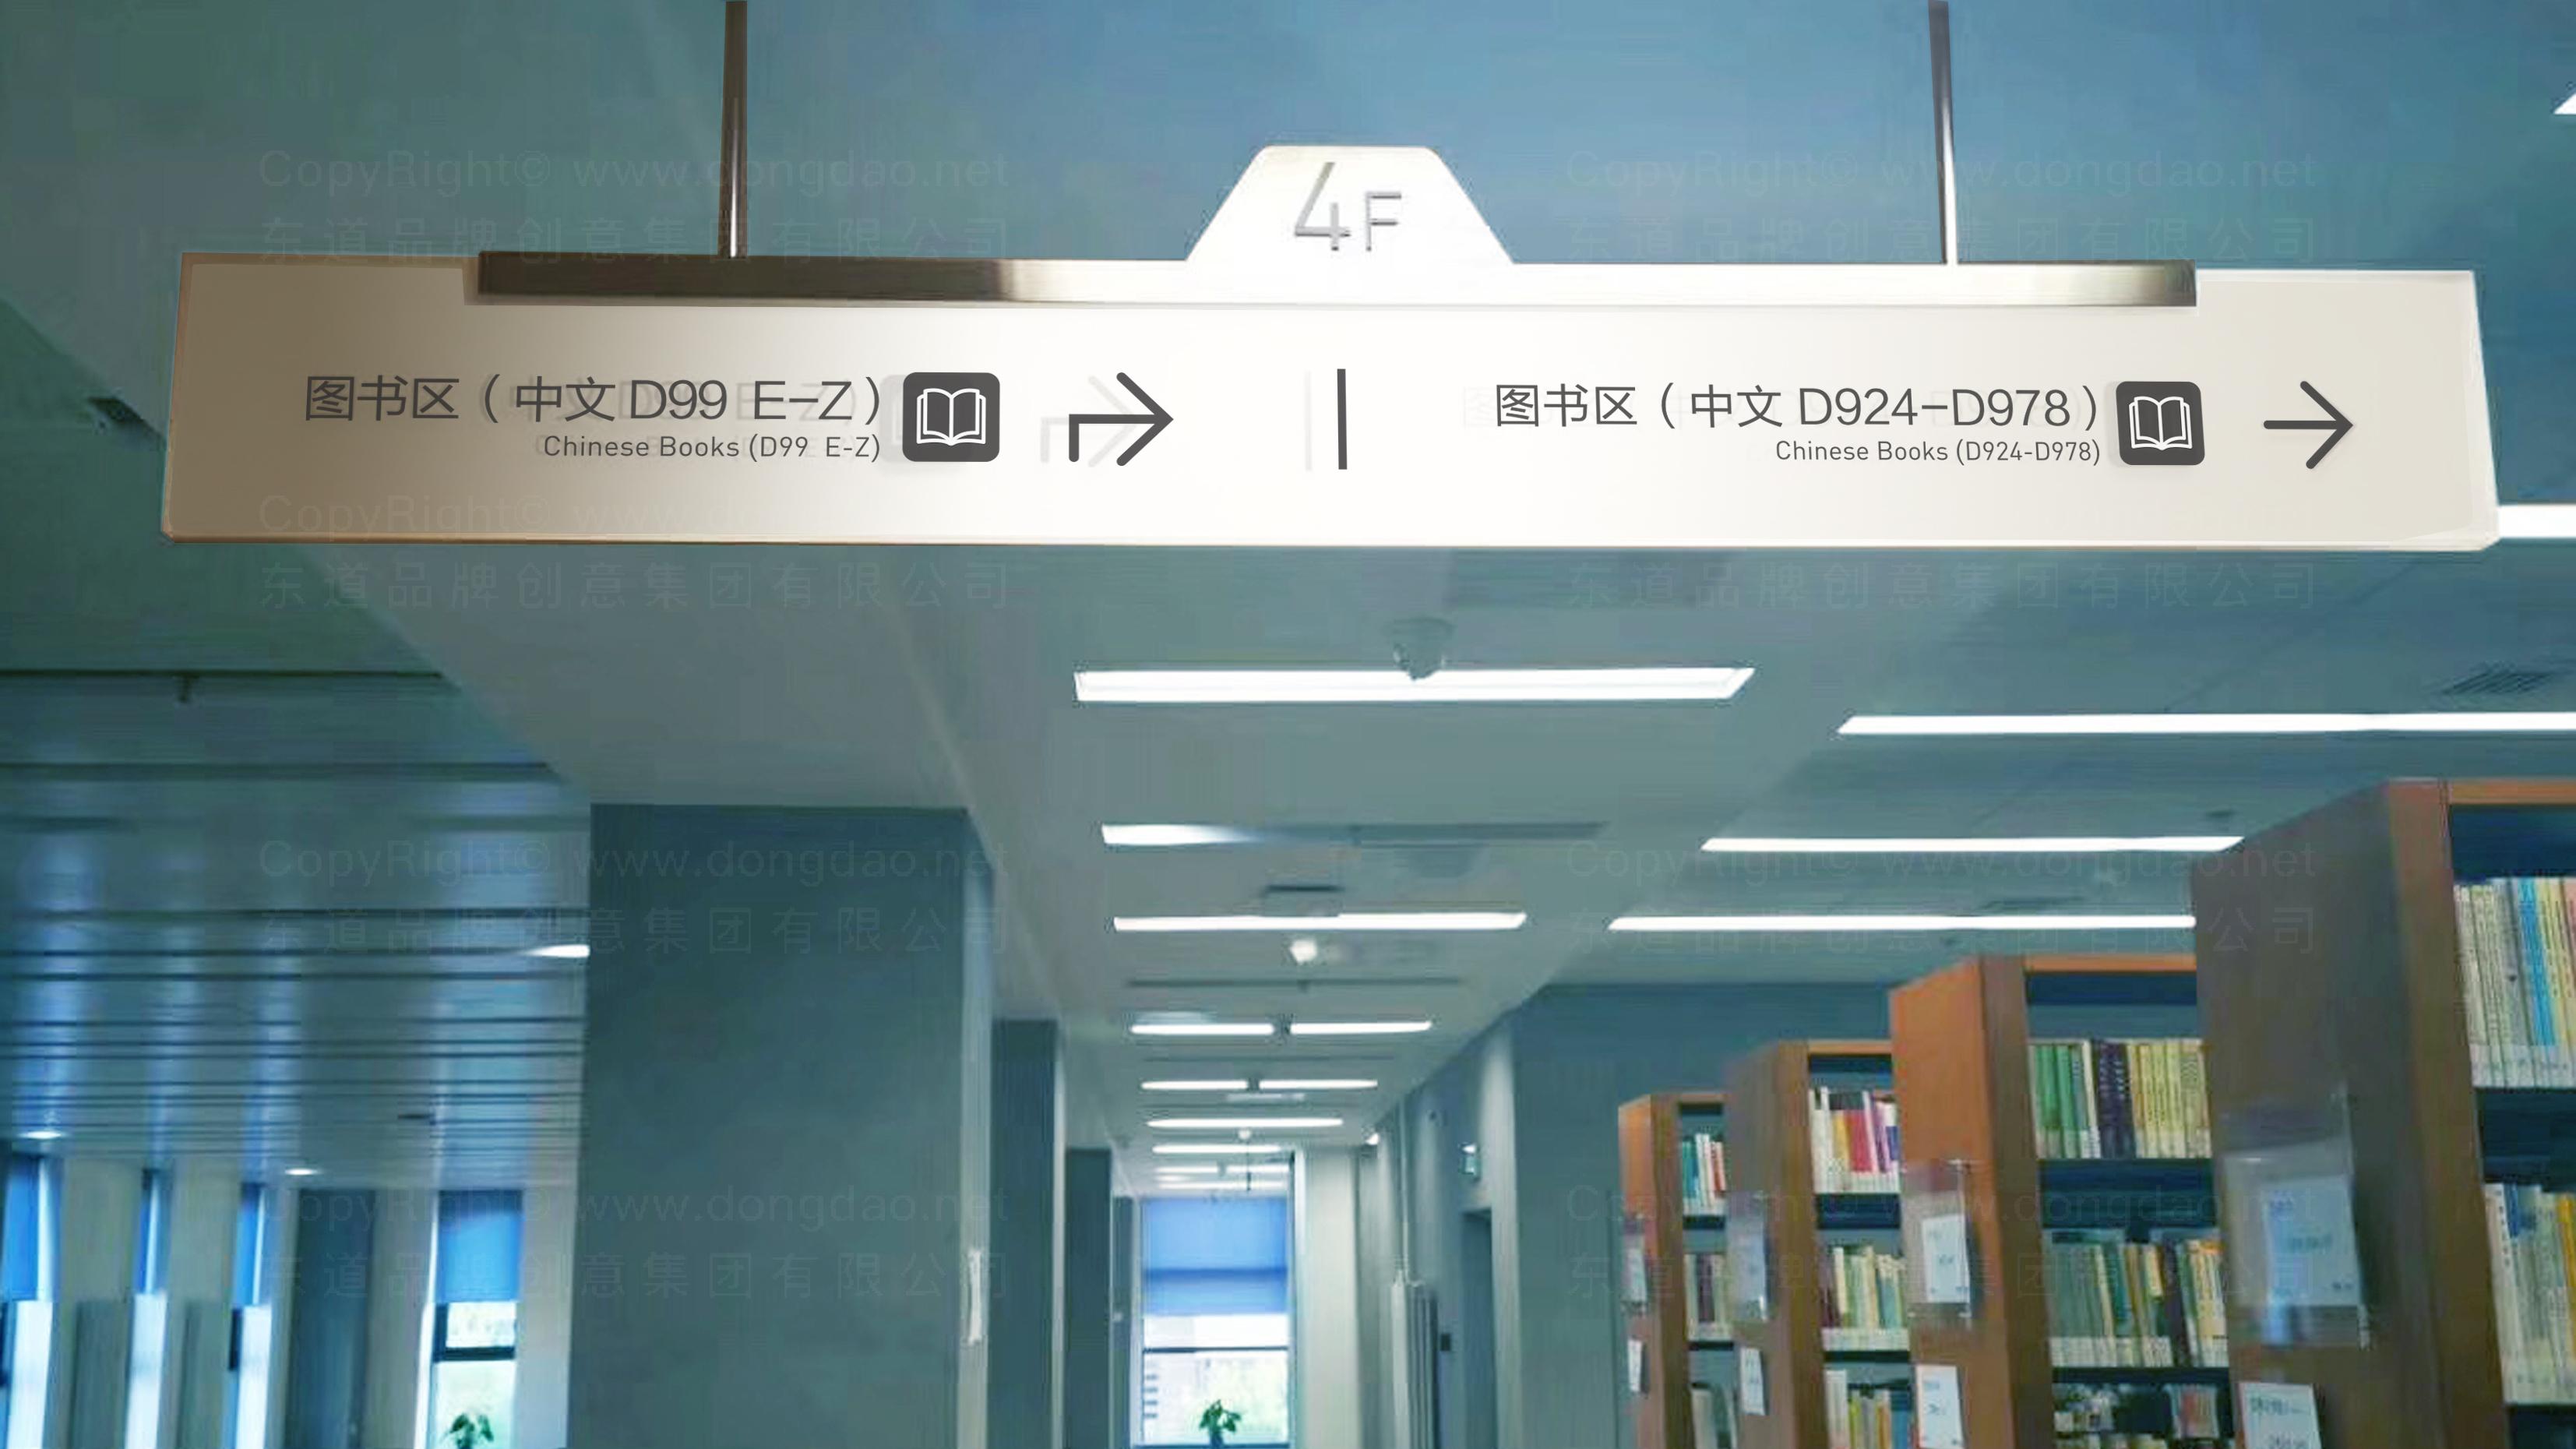 图书馆装饰工程标识制作应用